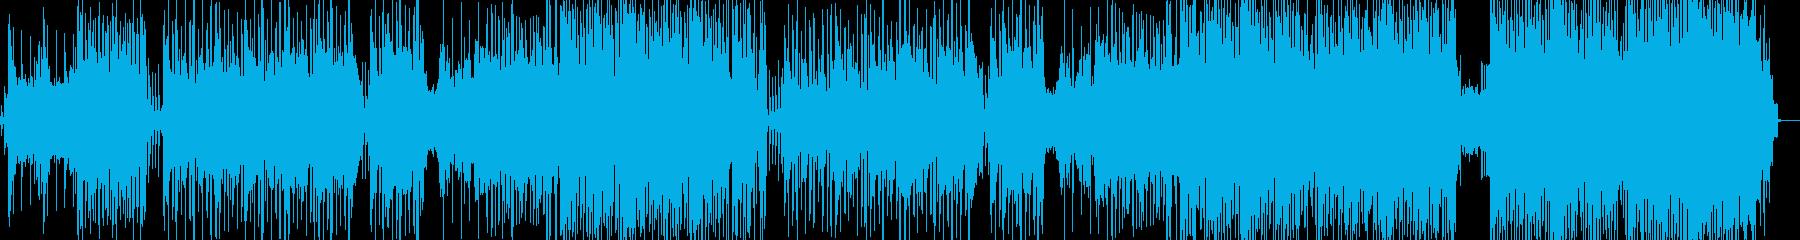 今にもタイマンが始まりそうなヒップホップの再生済みの波形